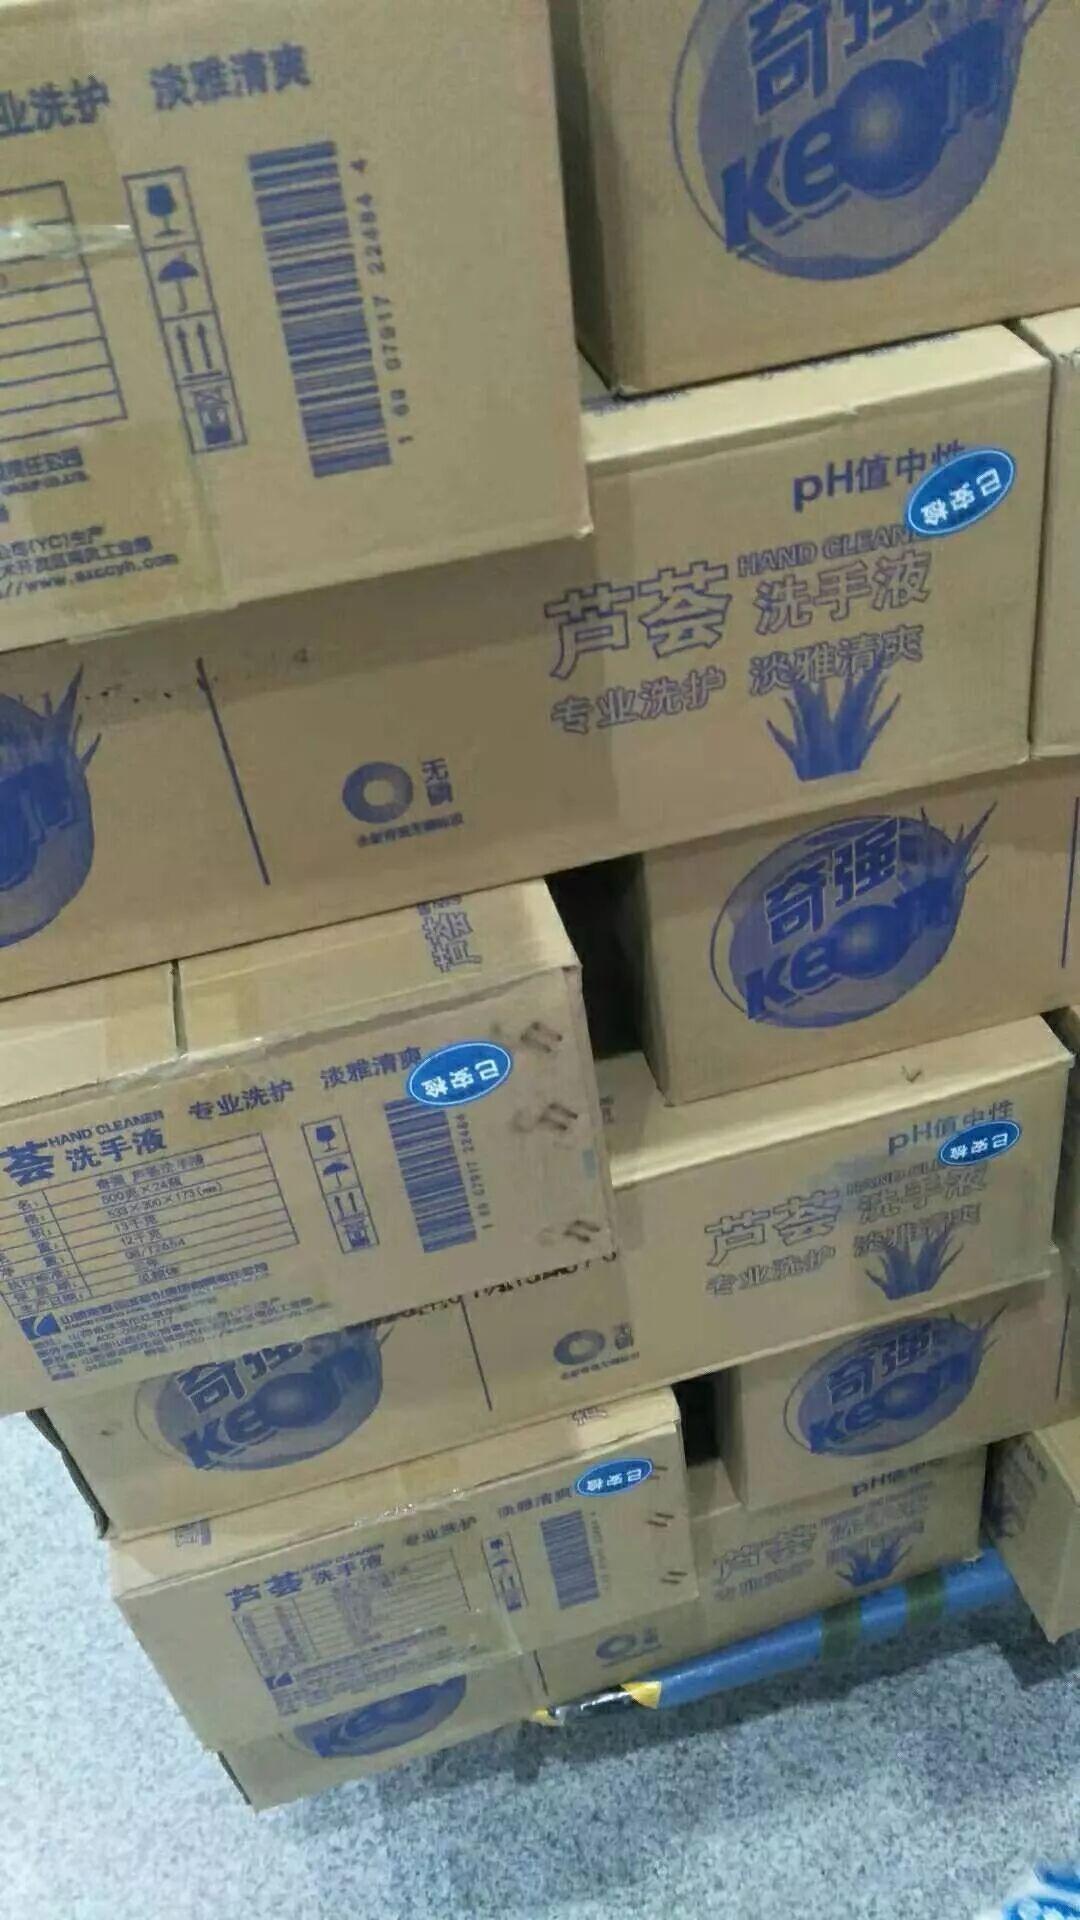 奇強1.5萬瓶洗手液雪中送炭武漢疫區